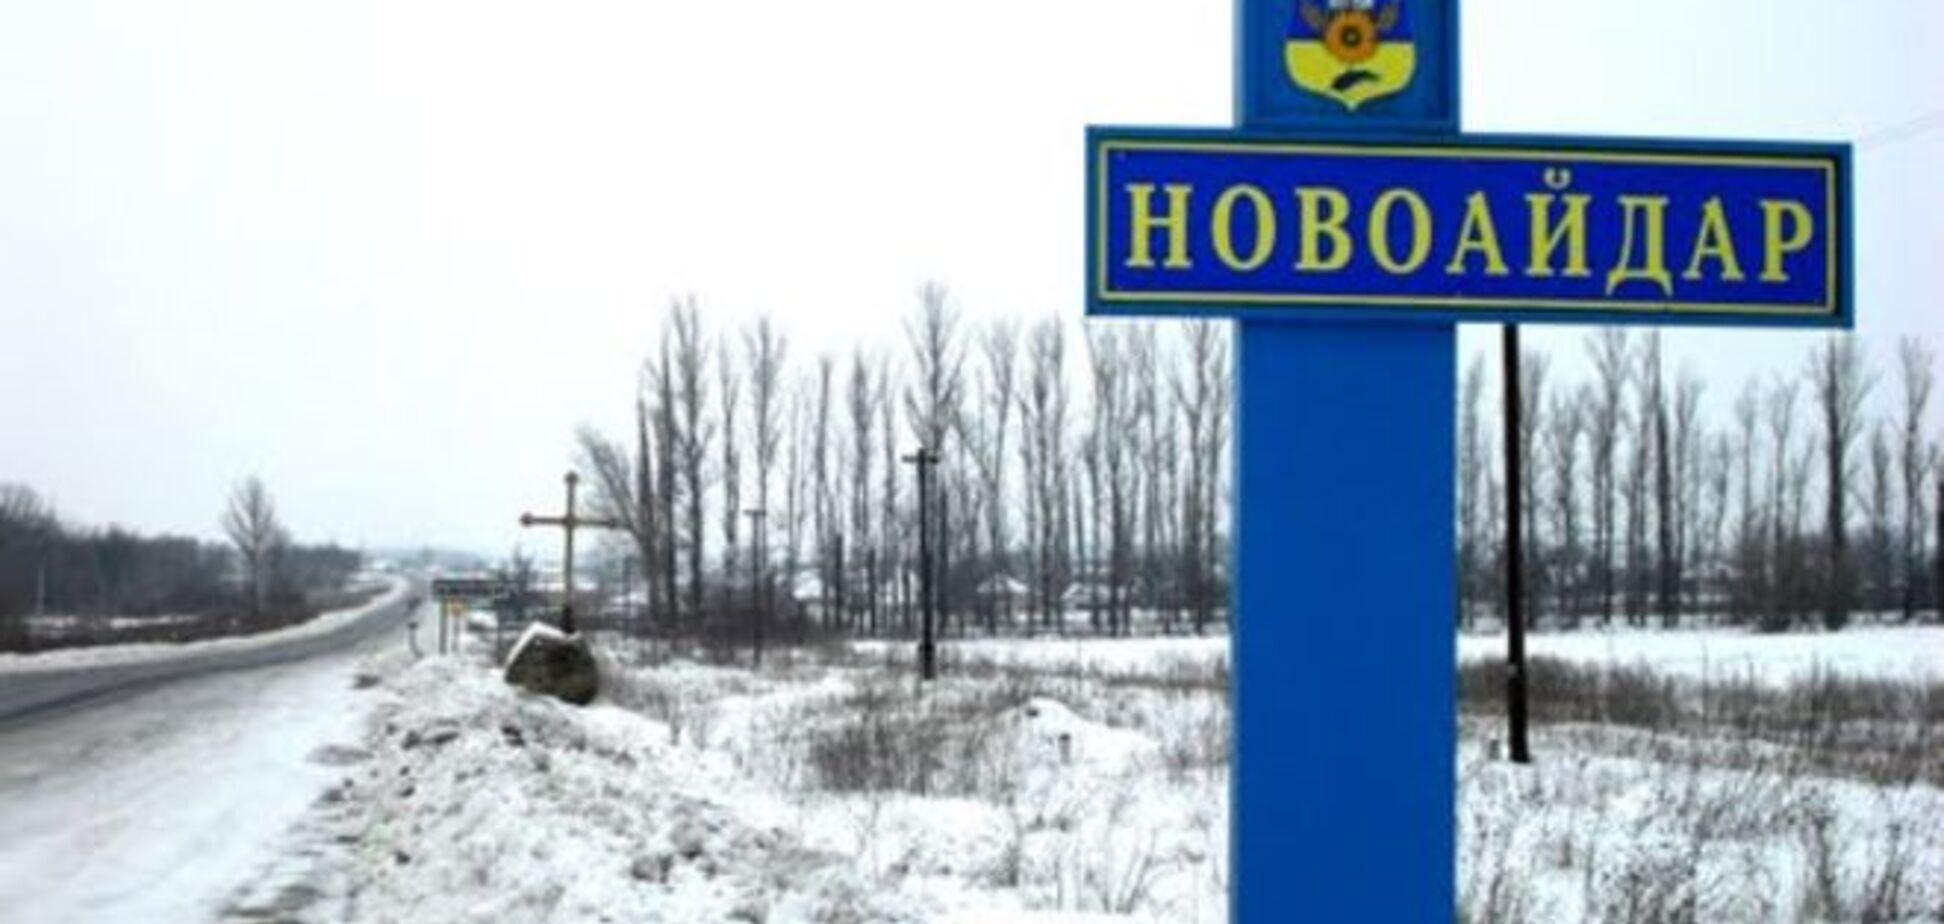 На Луганщине рухнул памятник Дзержинскому